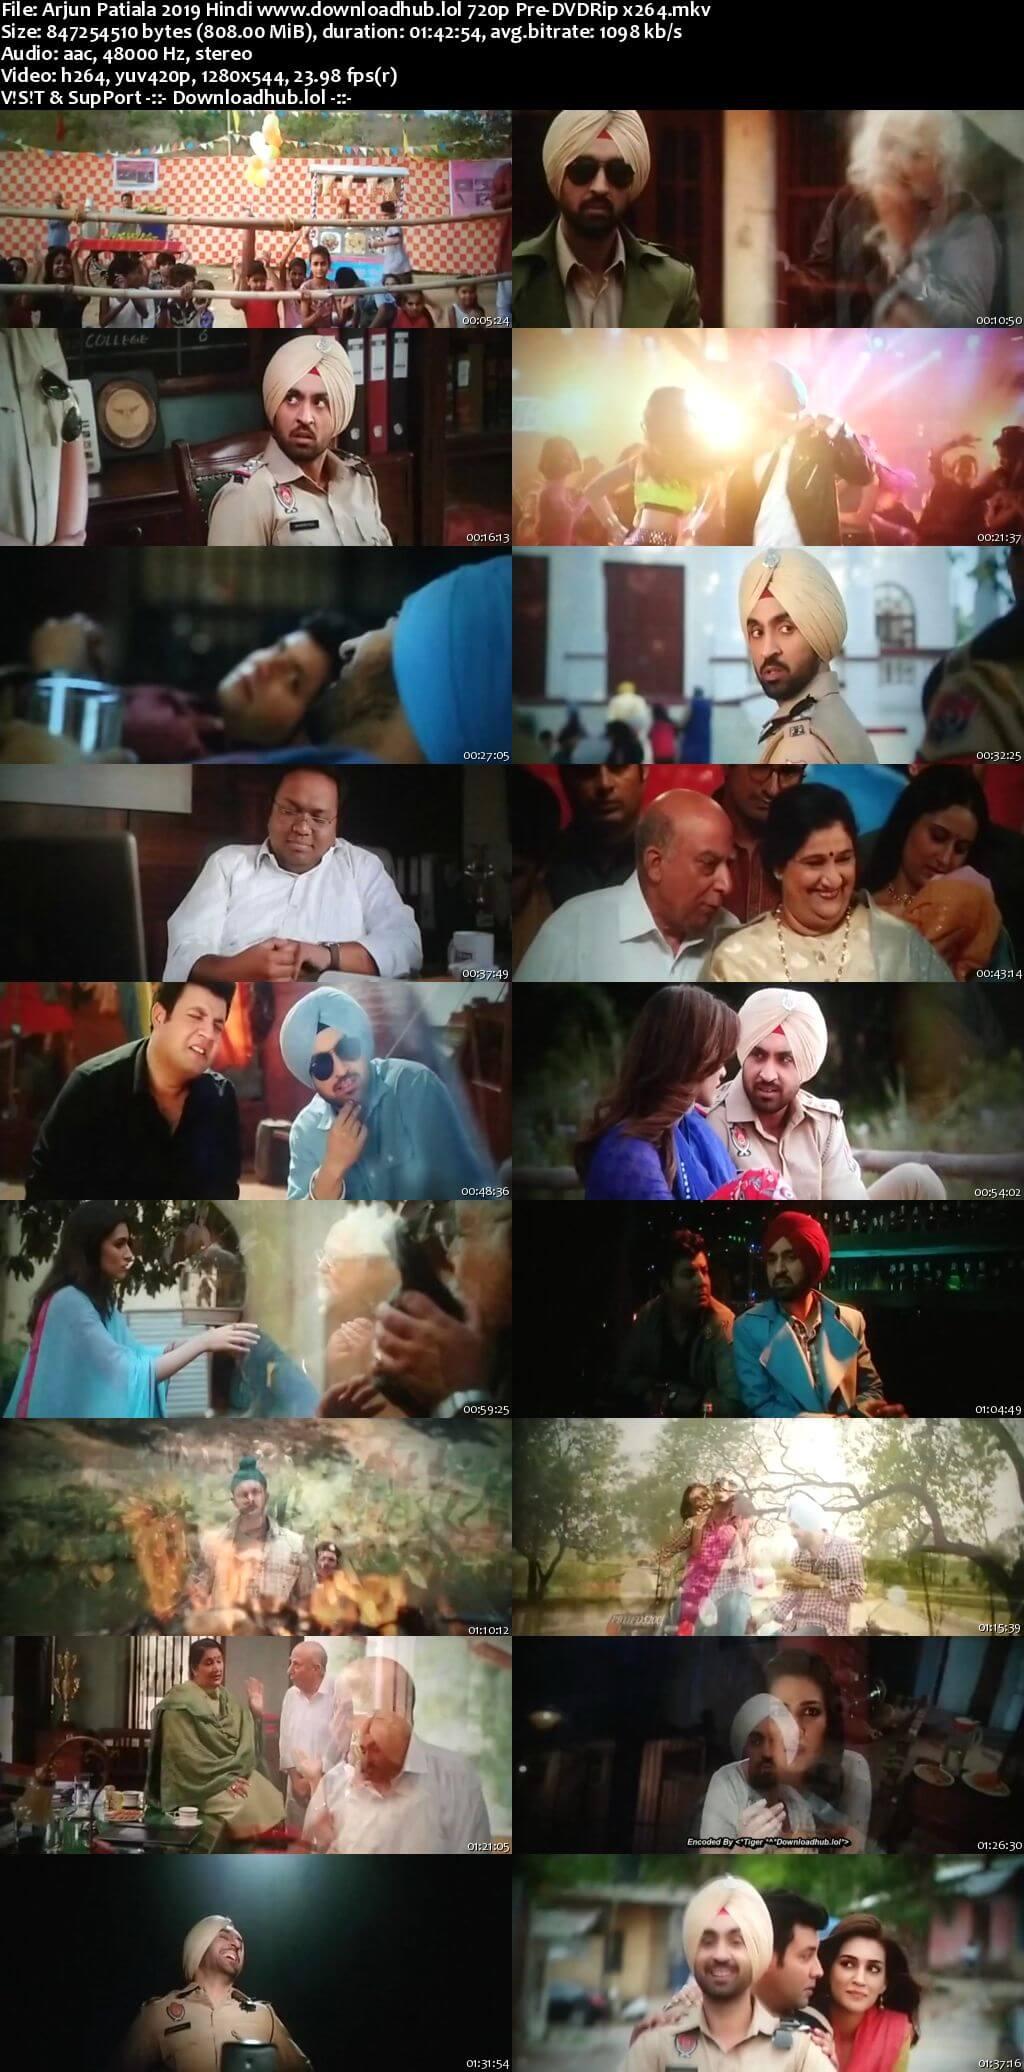 Arjun Patiala 2019 Hindi 720p Pre-DVDRip x264